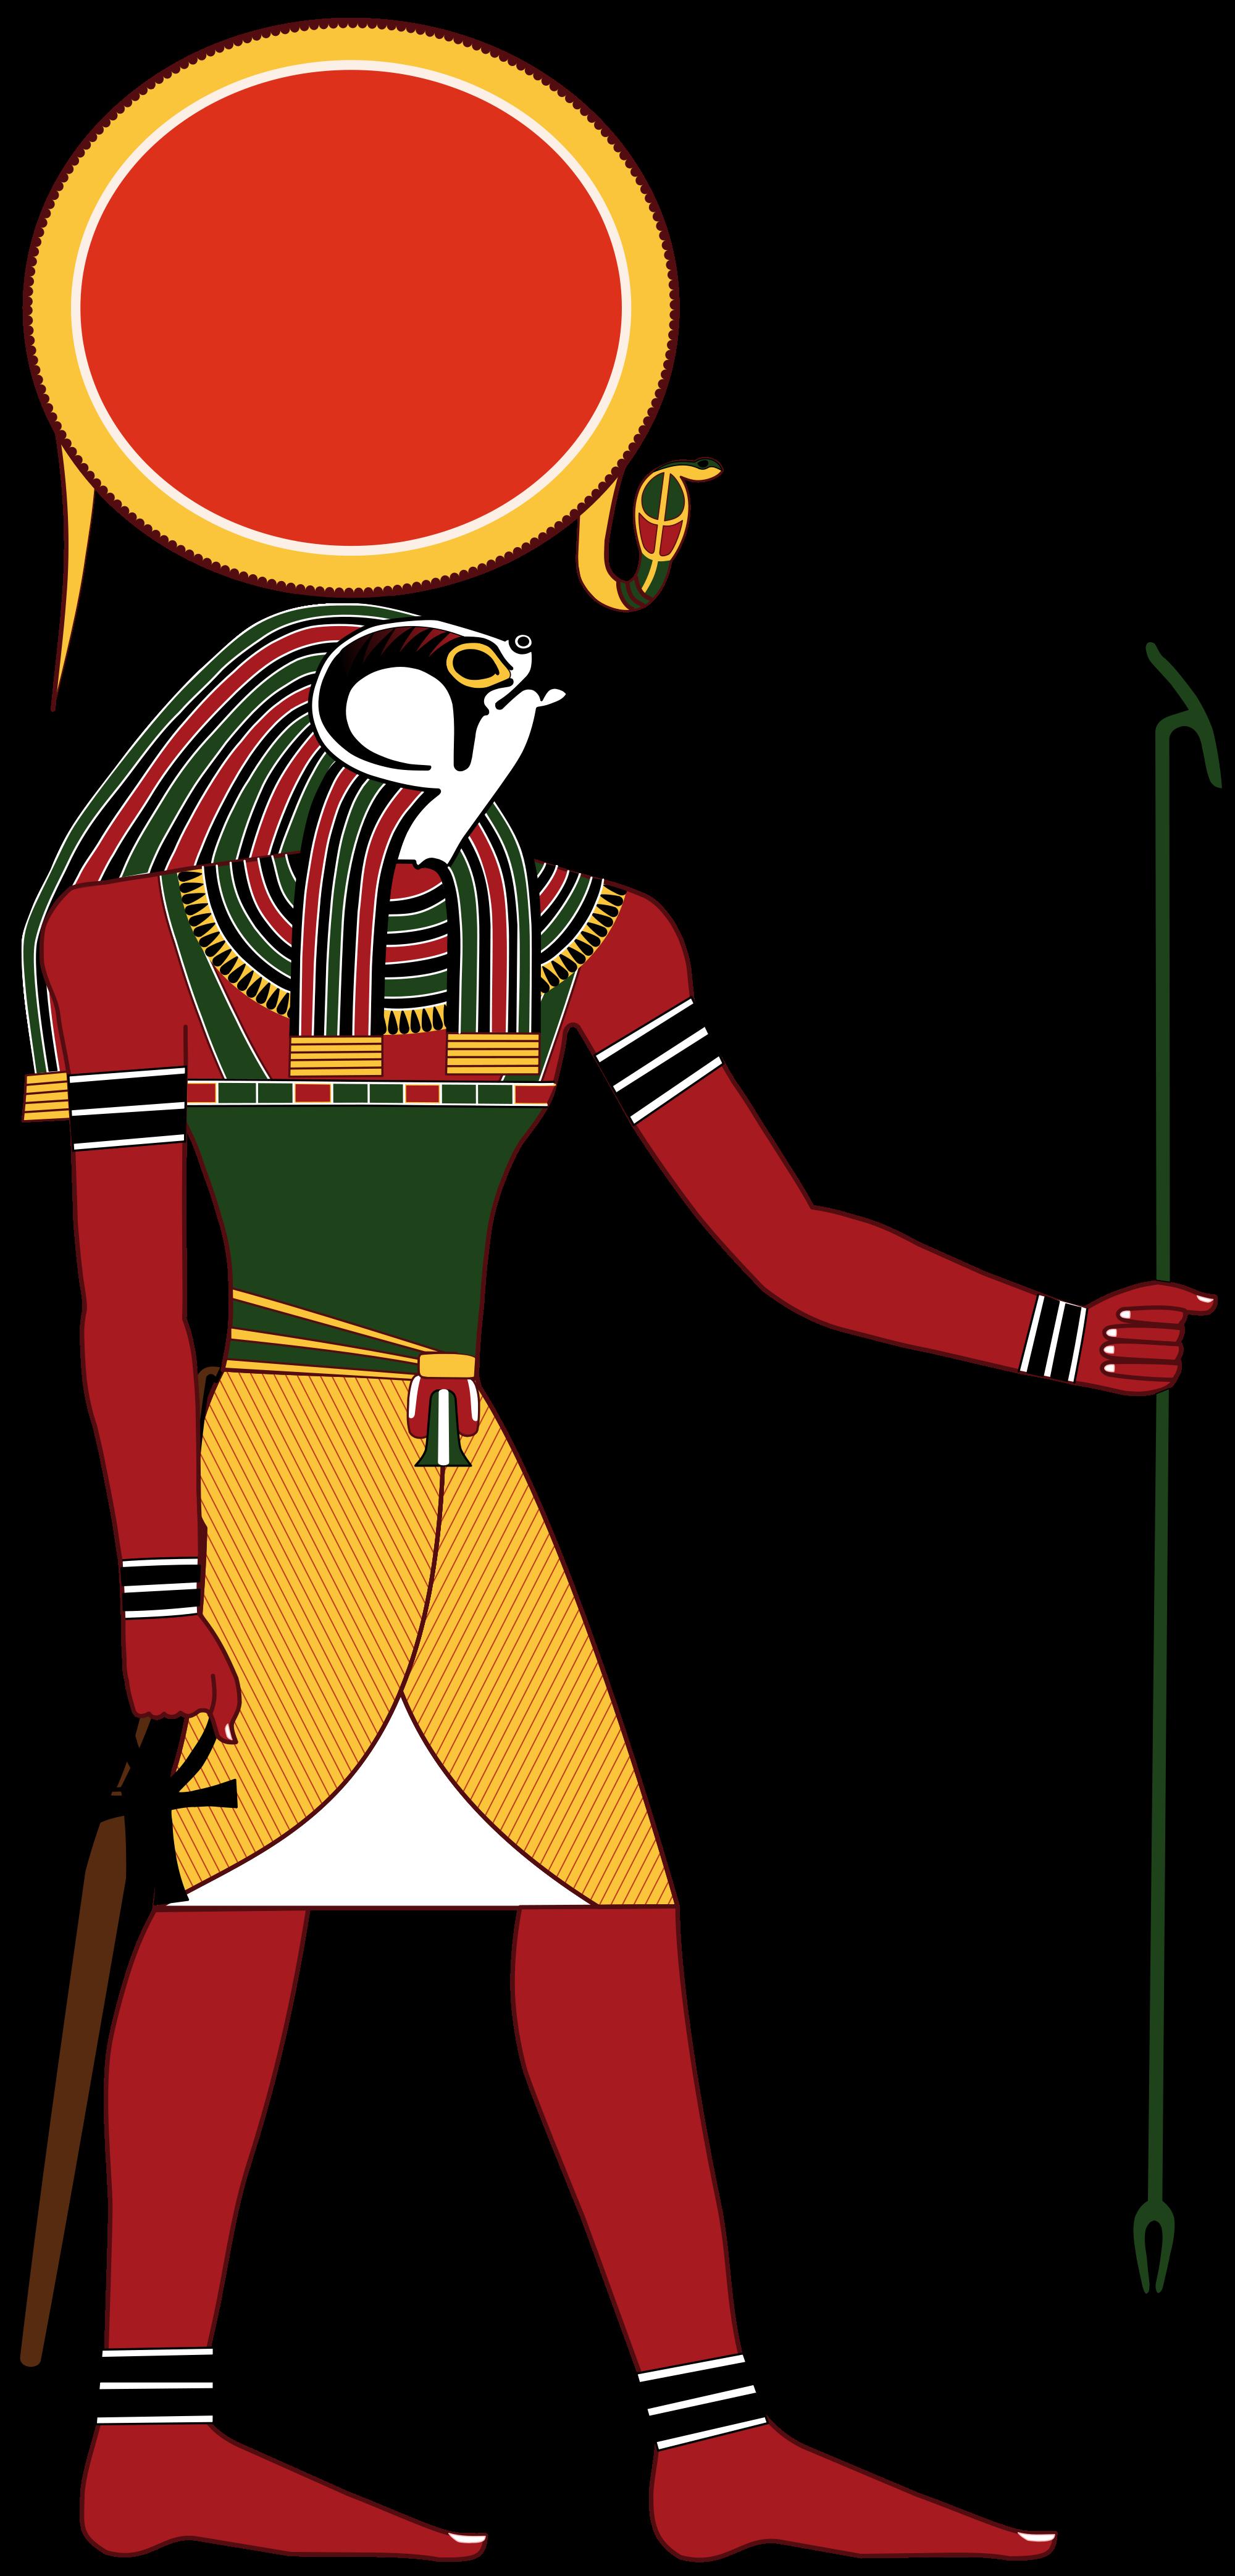 Evil sun goddess clipart banner freeuse library egypt egyptian myth myths mythology hours ra osiris isis set apophis ... banner freeuse library